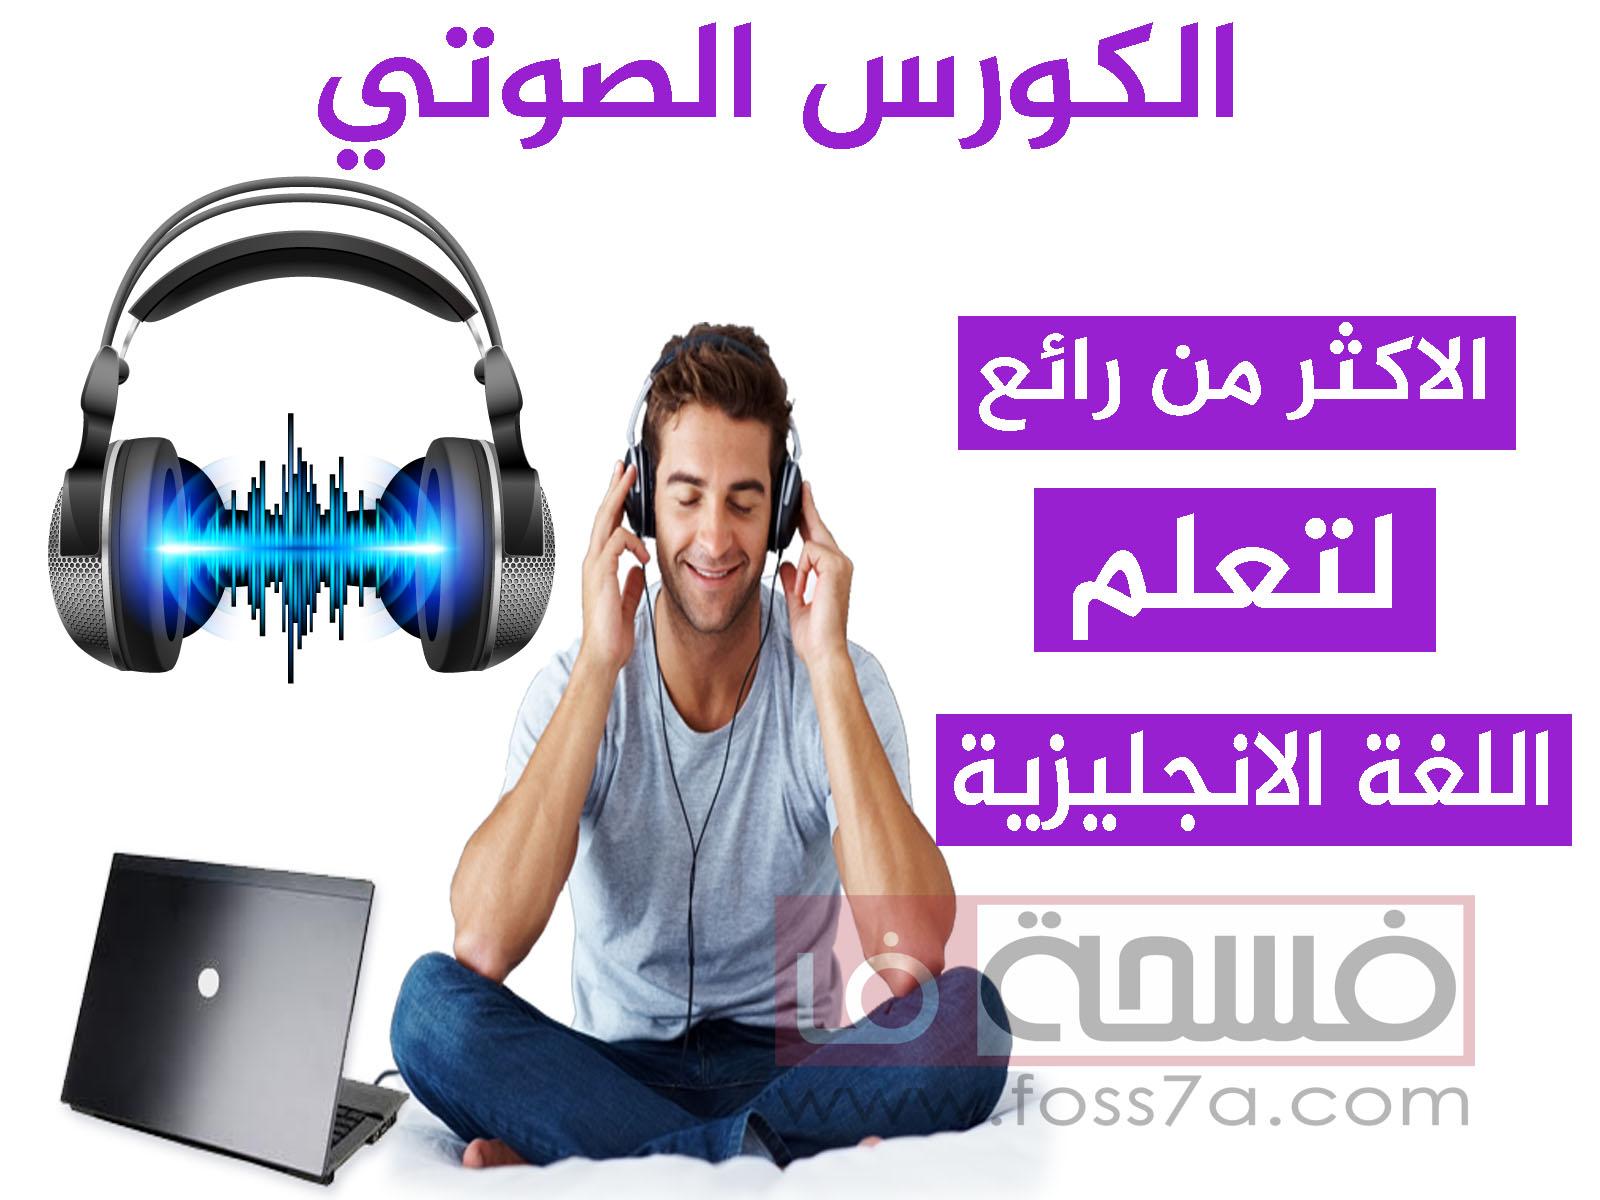 Voice of America الكورس الصوتي الرائع لتعلم الانجليزية